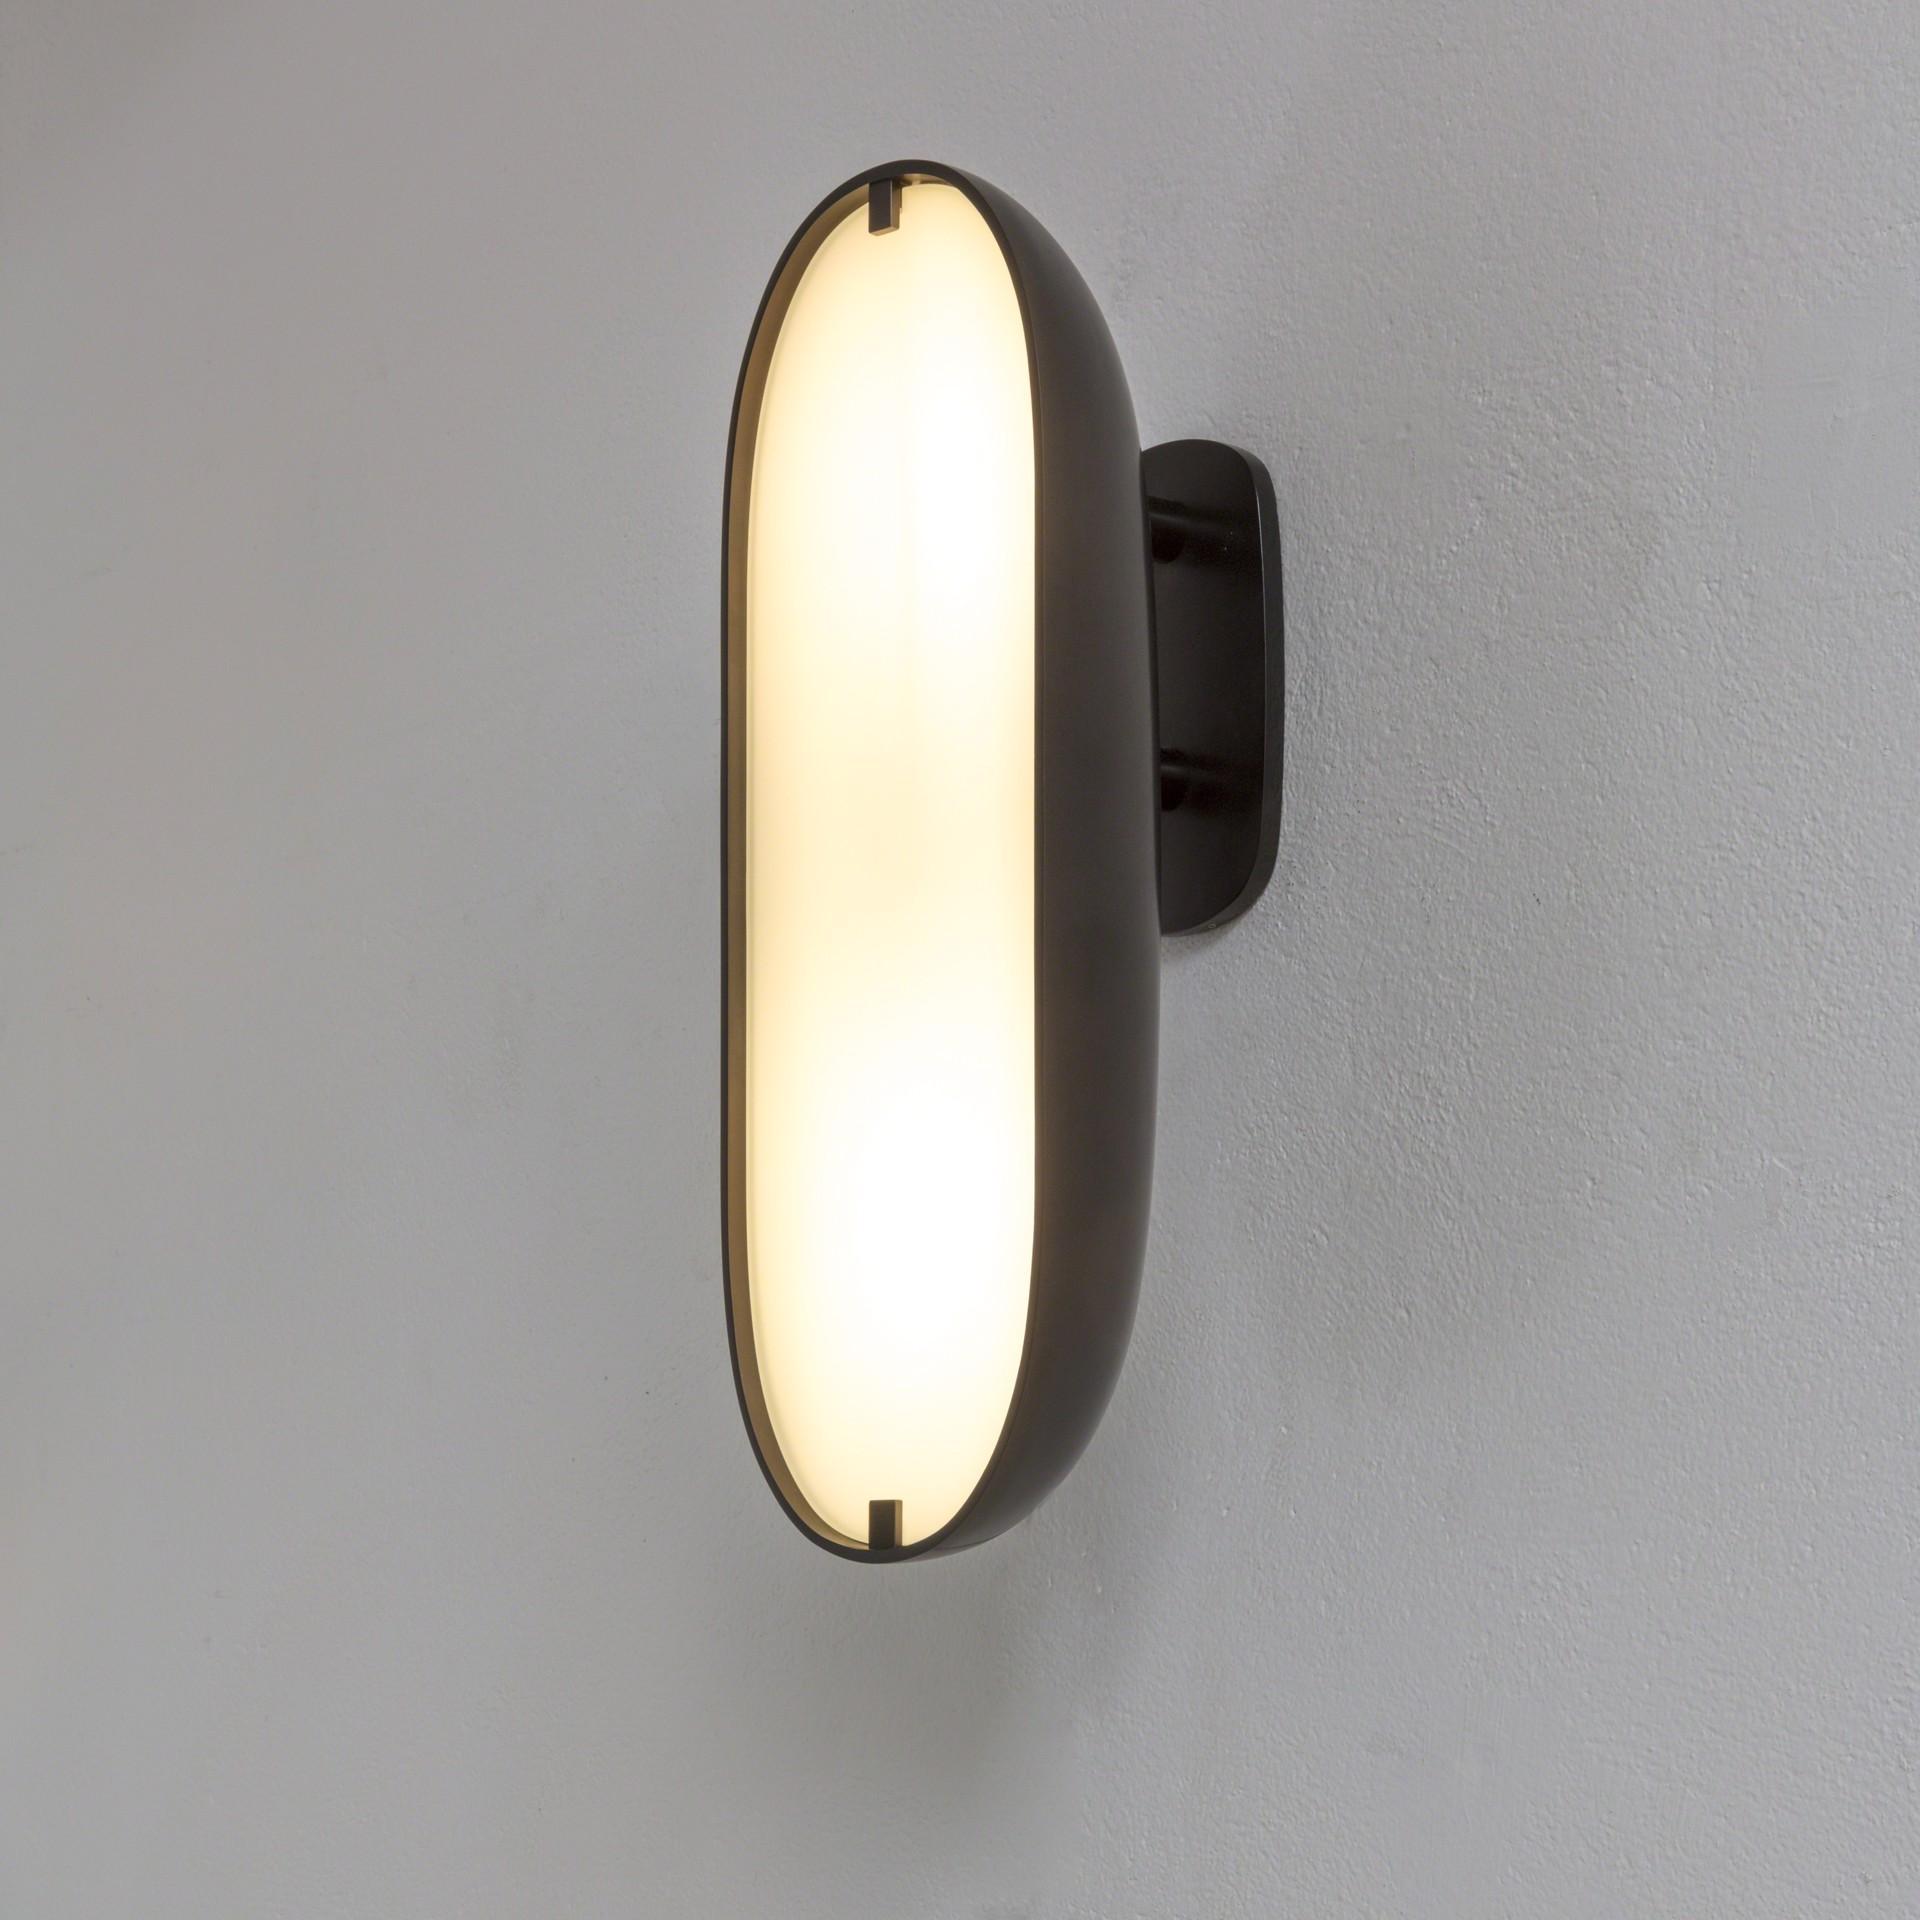 Long wall light  by Tinatin Kilaberidze